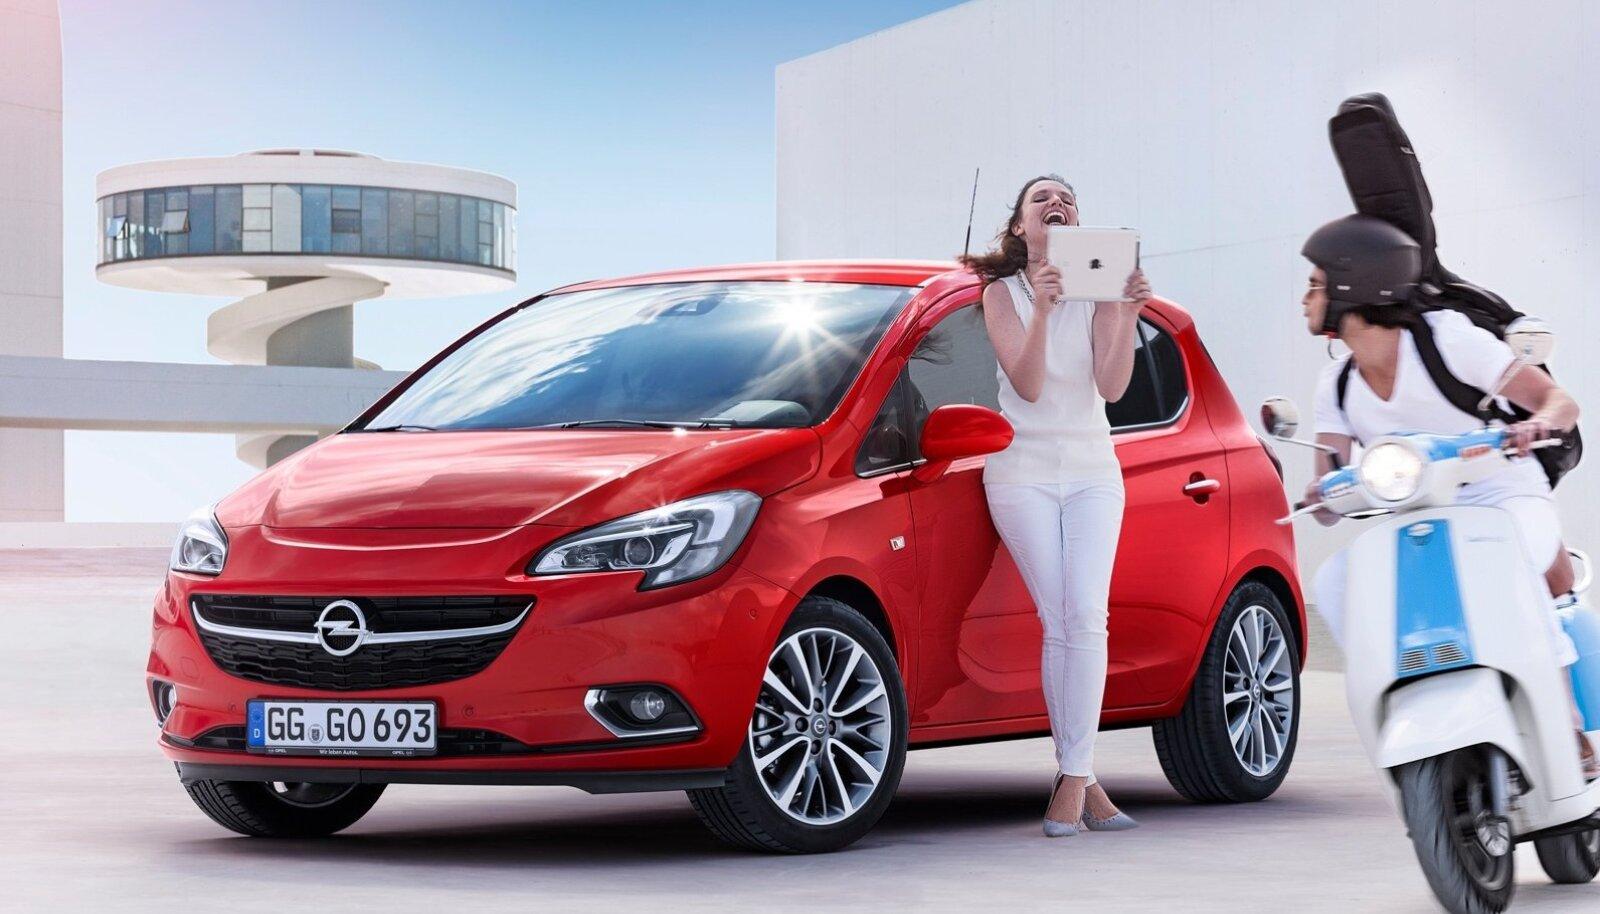 Opel Corsa välimus muutus rõõmsamaks ja auto varustusse lisati moodsaid nutiseadmeid.